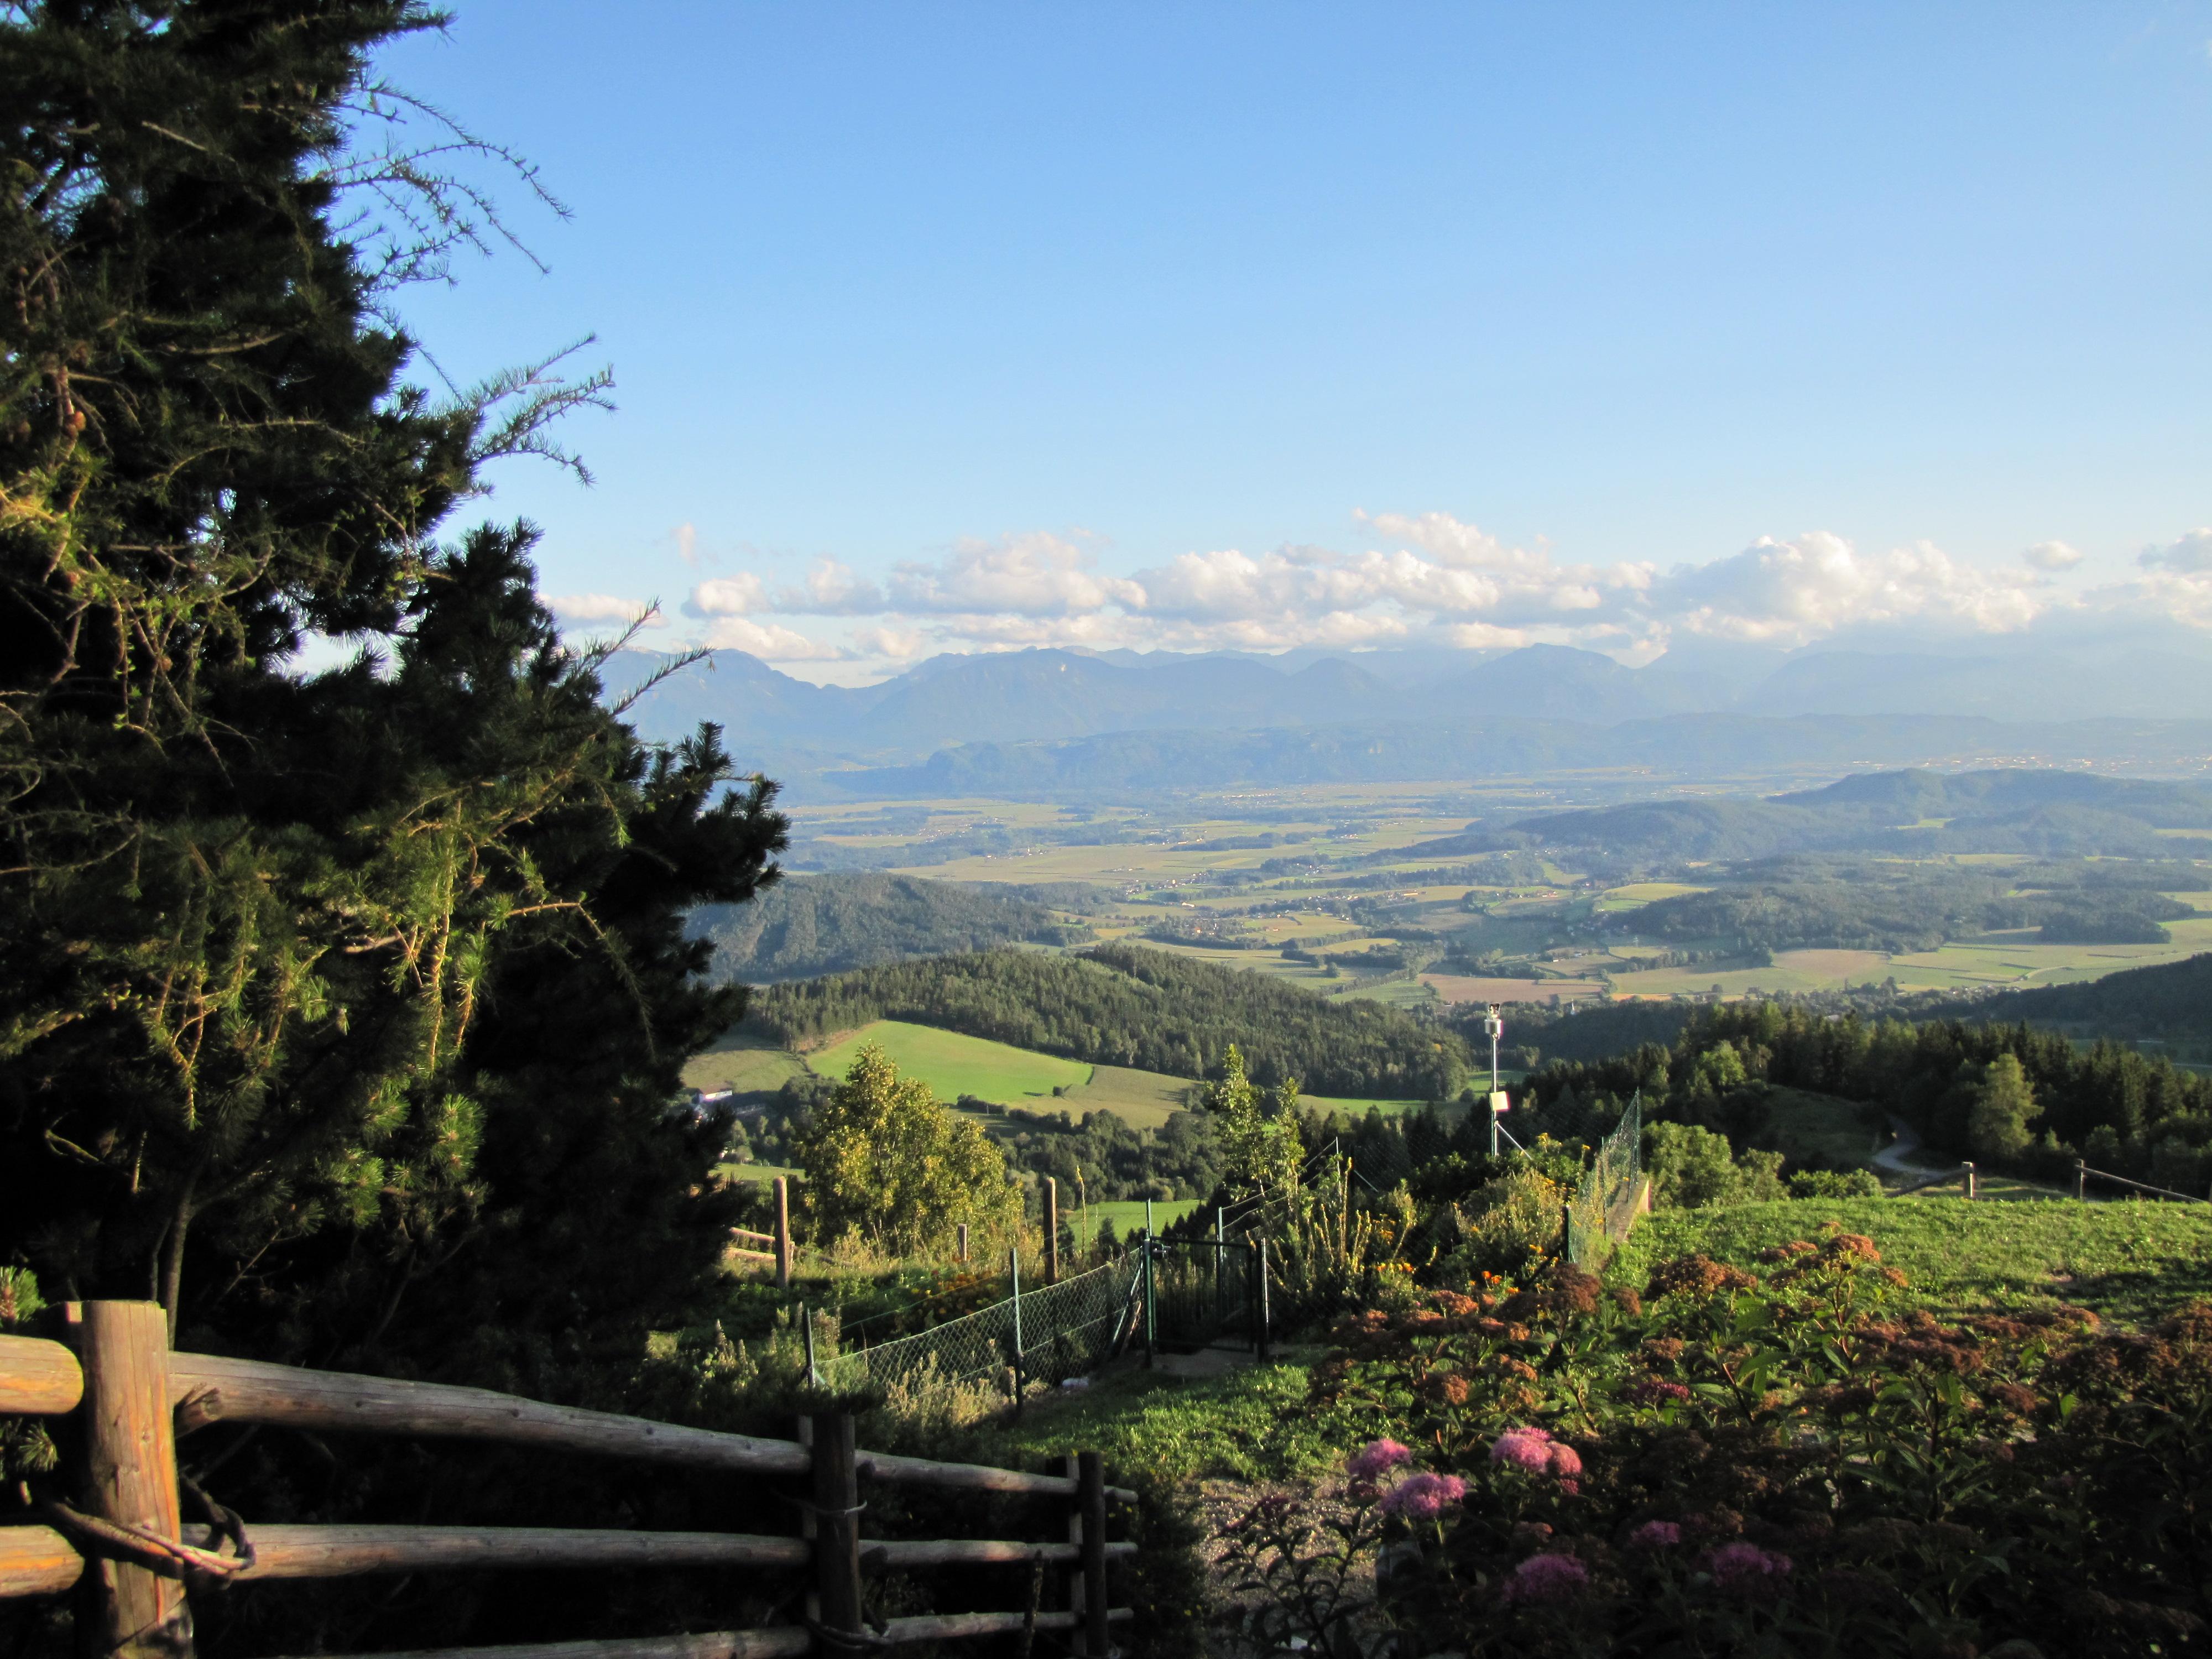 Southern Austria